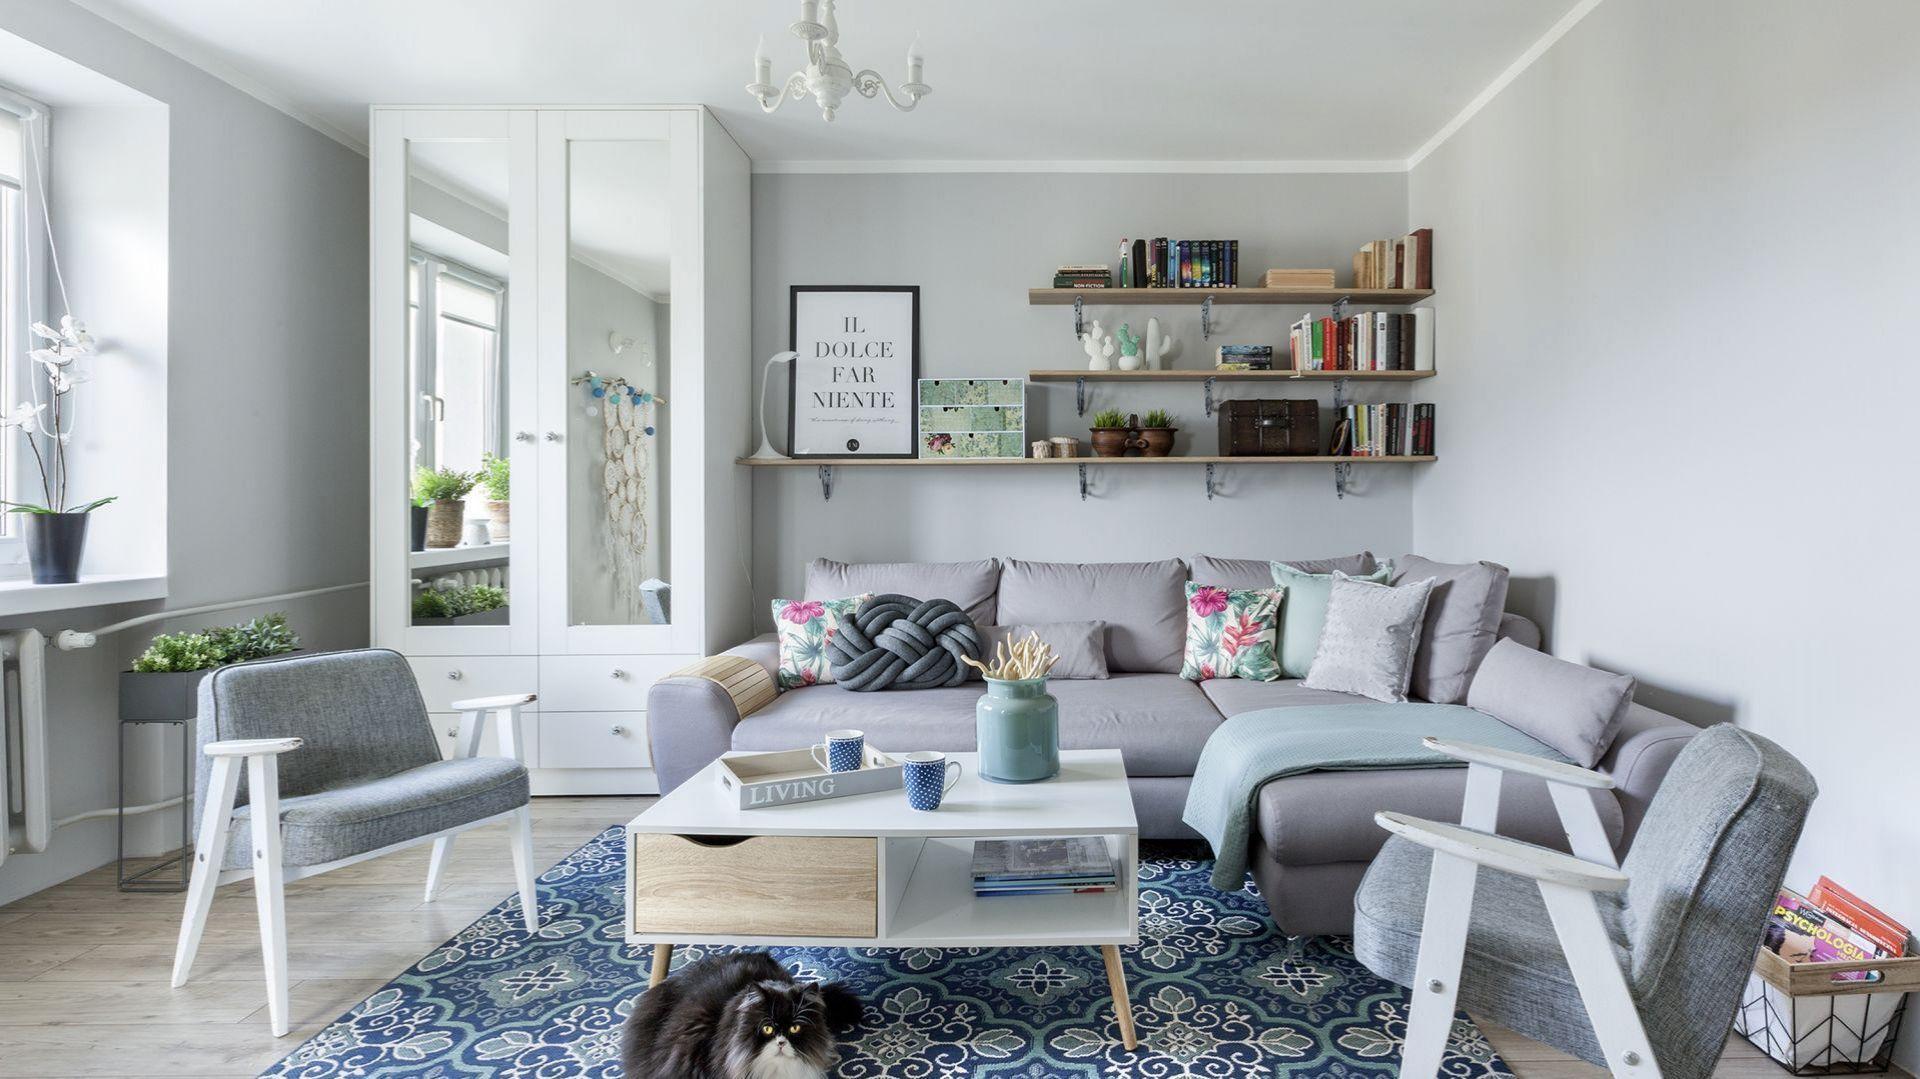 Kolorowy dywan piękne ożywa jasną, spokojną przestrzeń salonu. Projekt: Justyna Mojżyk. Fot. Monika Filipiuk-Obałek